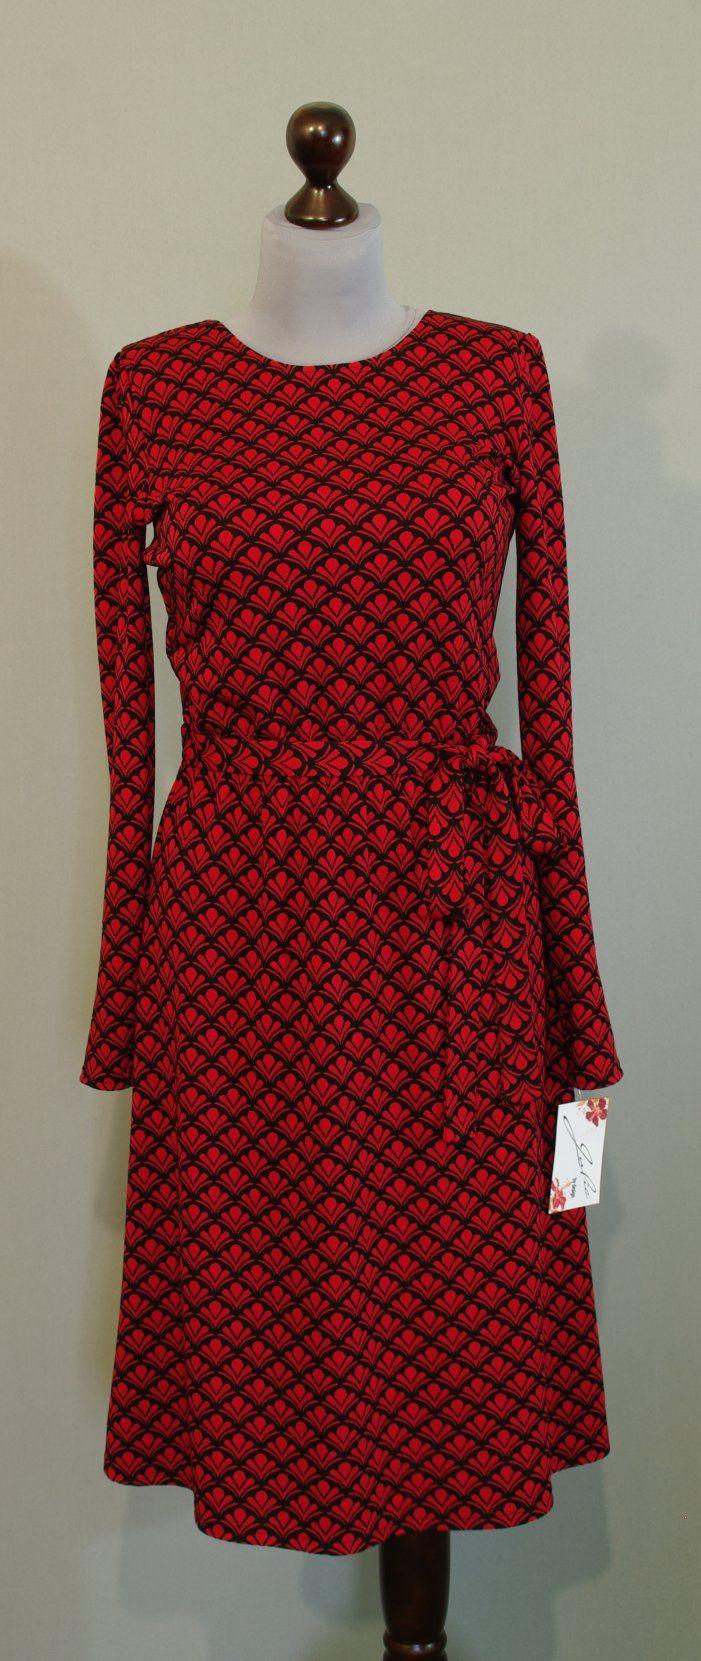 Теплое платье черно-красное с узором королевская лилия (флер де лис), юбка длины миди фасон трепеция, Платье-терапия